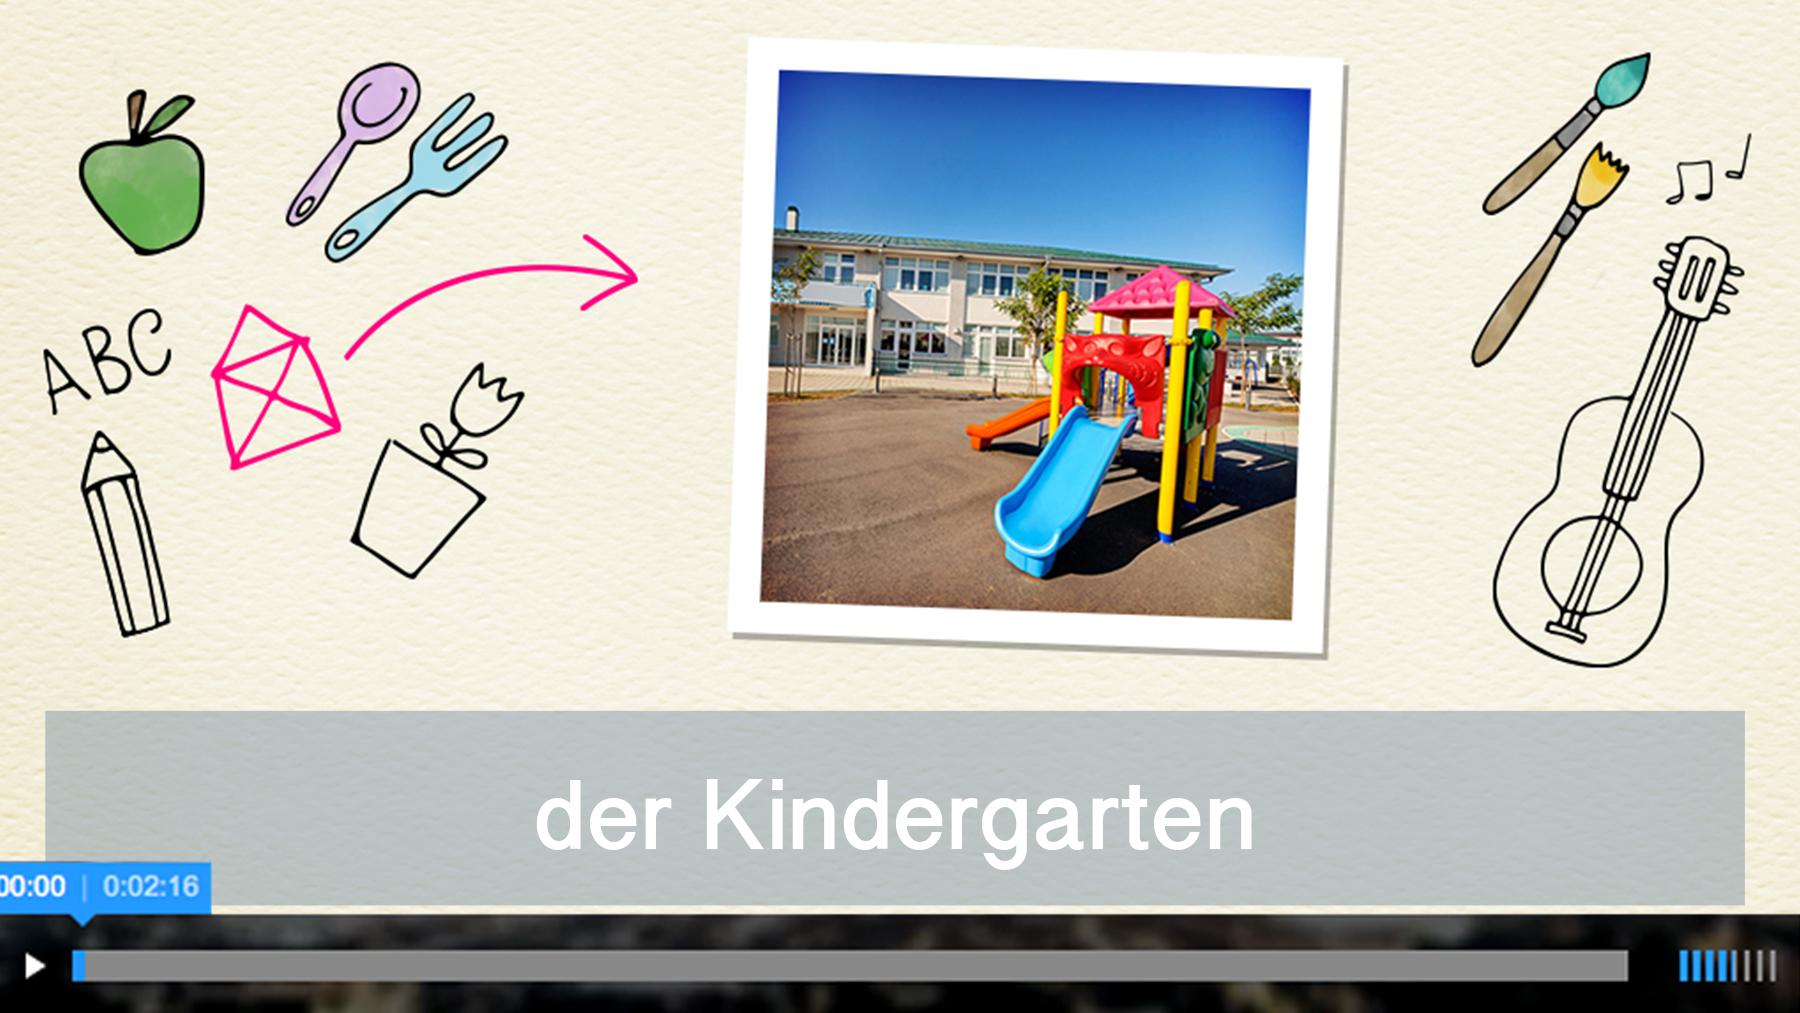 dw-der-kindergarten